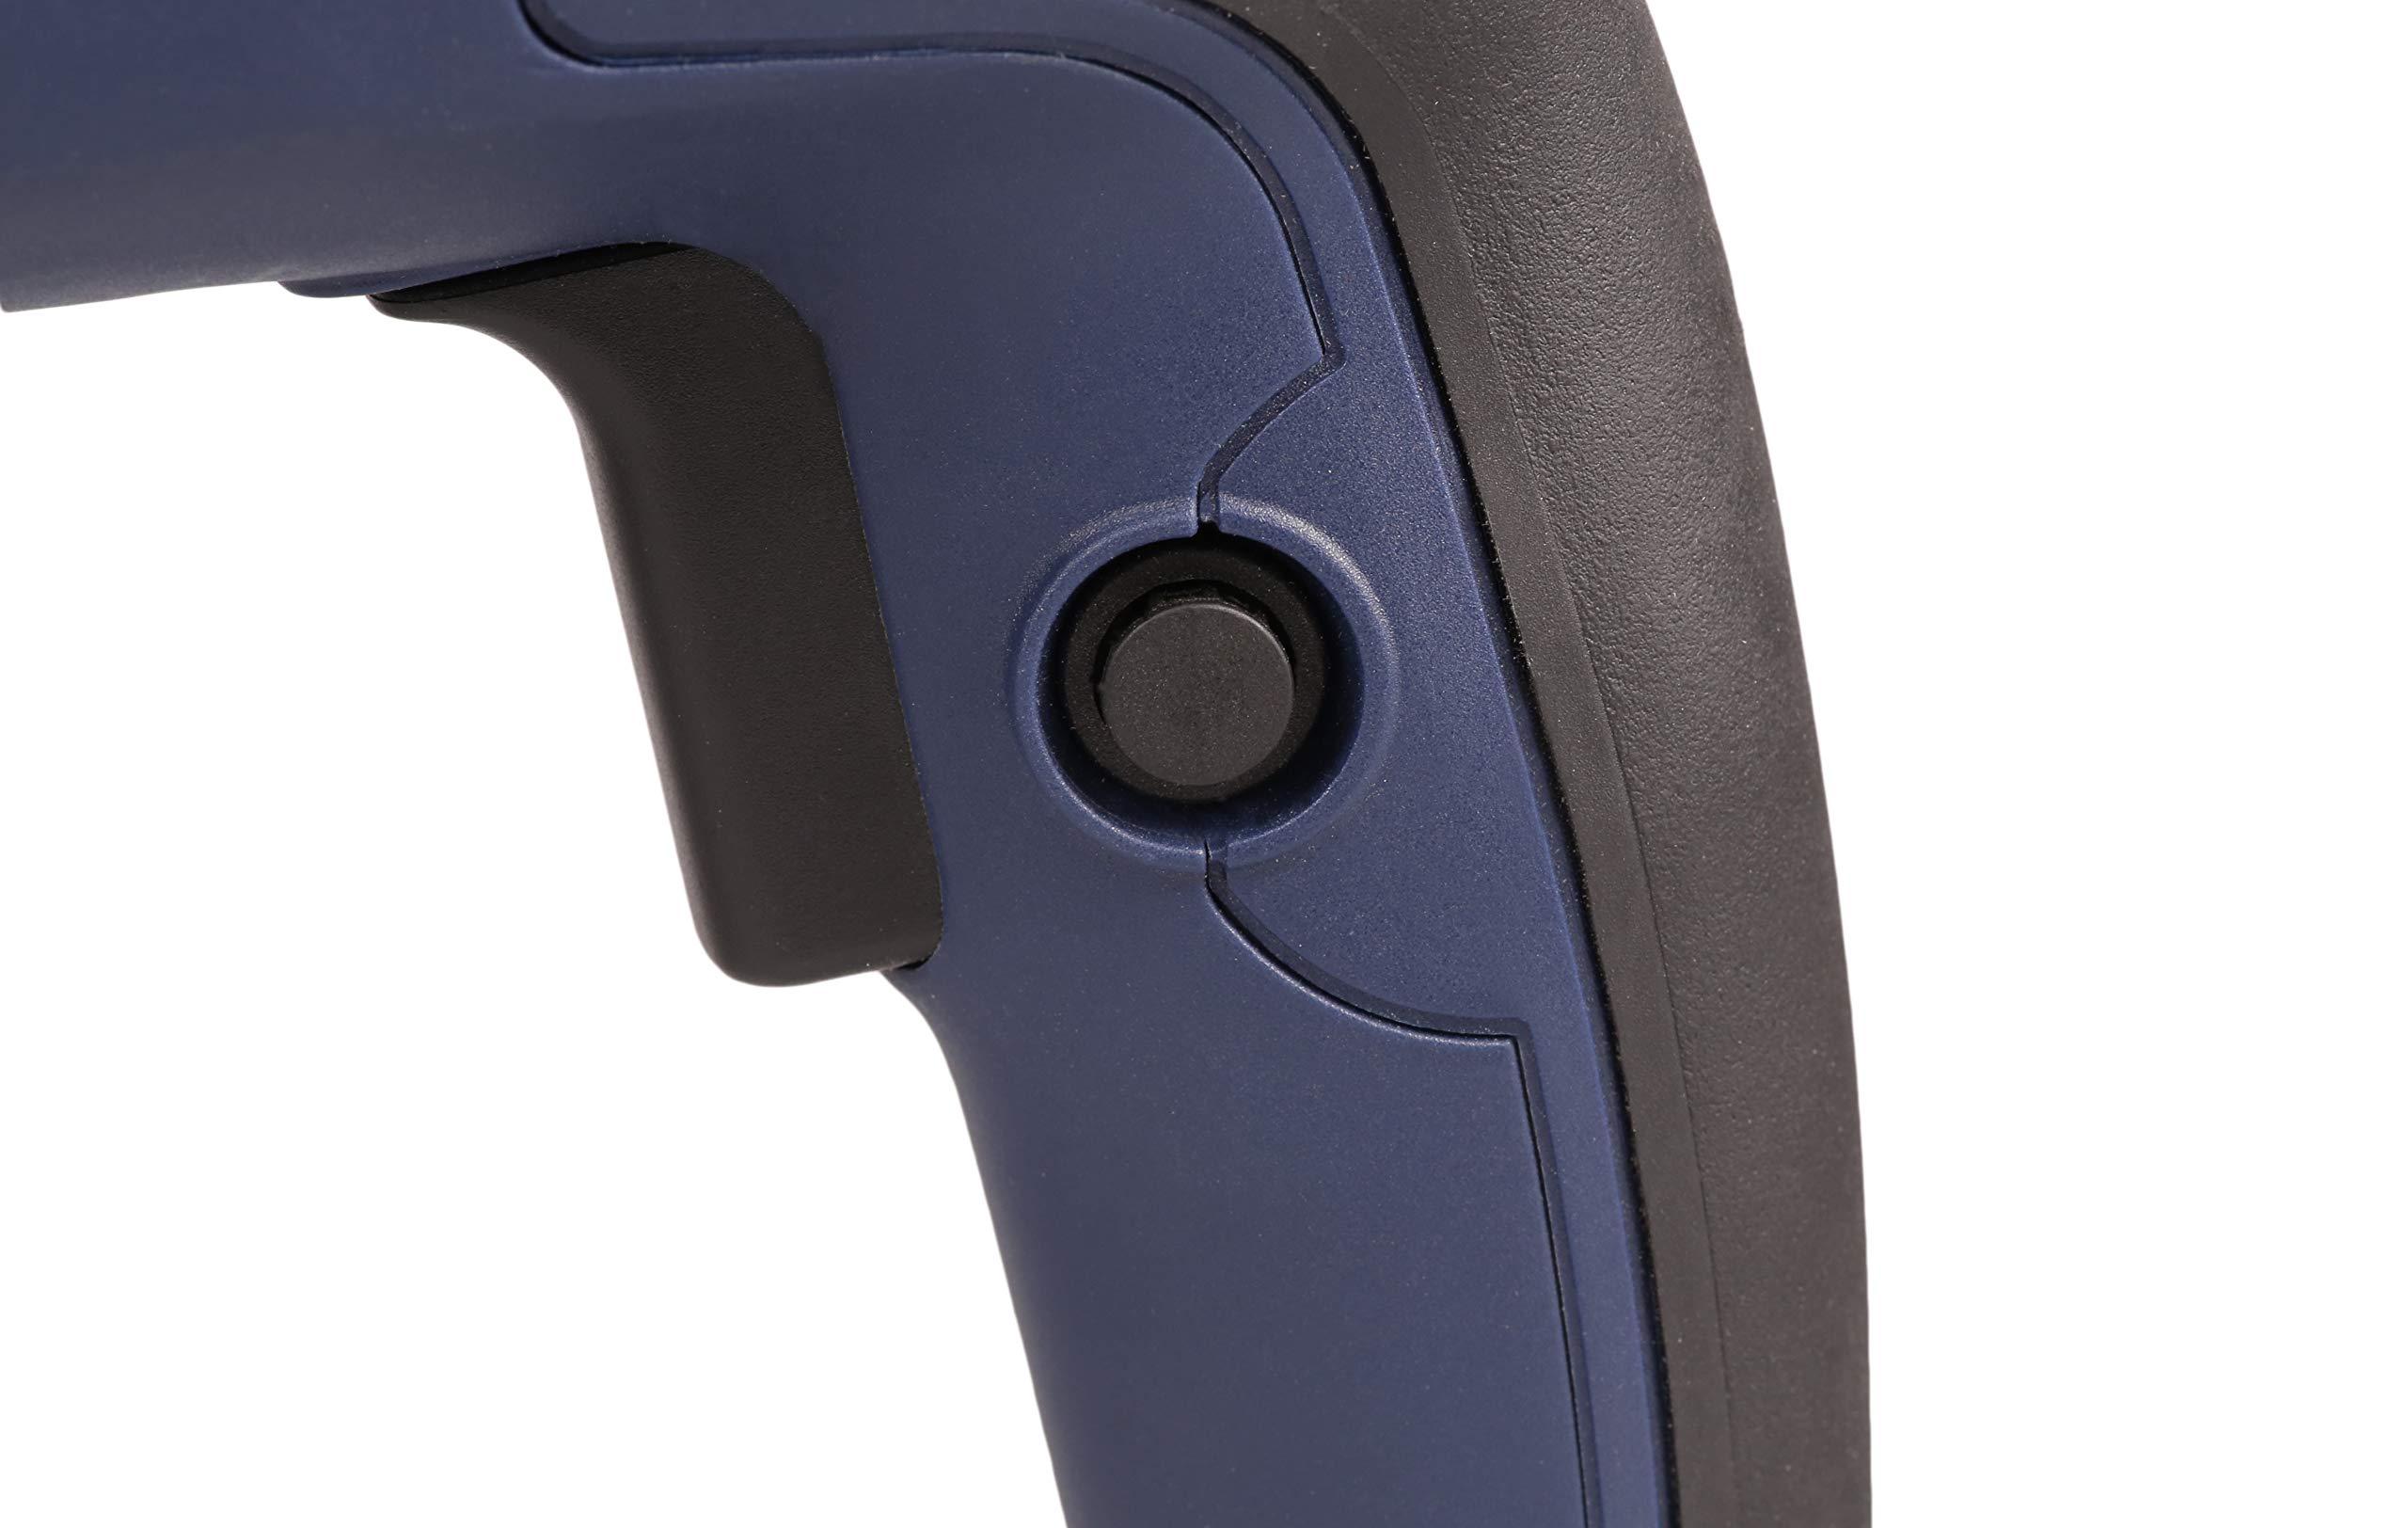 FERM-Bohrhammer-800W-4-Funktionen-incl-3-SDS-Bohrer-2-Meiel-und-praktischer-Aufbewahrungskoffer